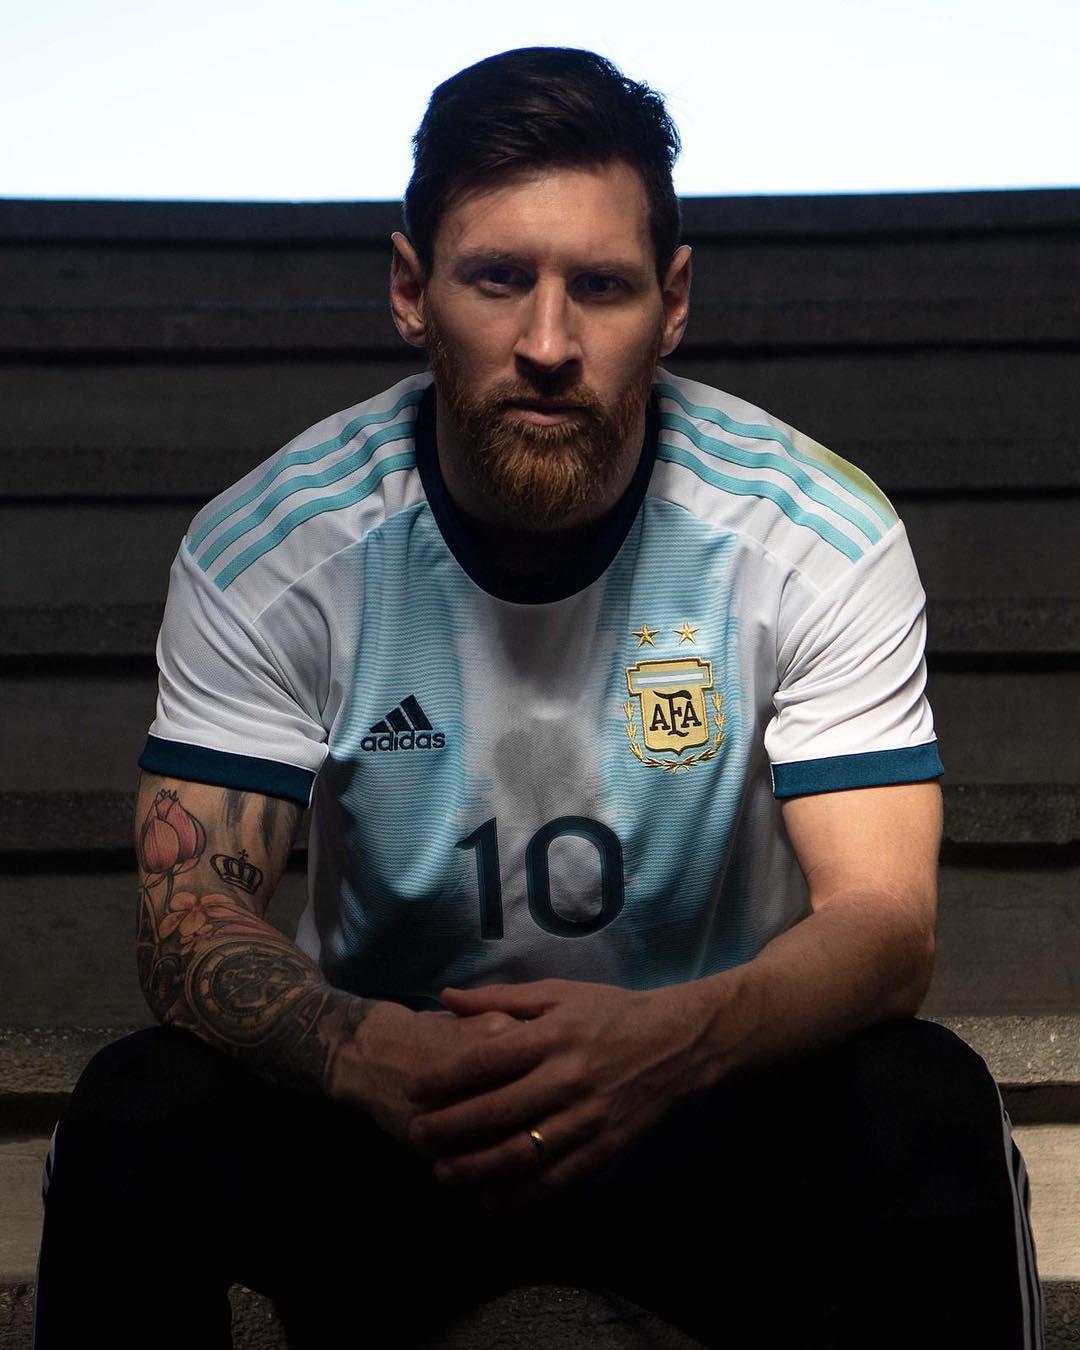 Camisas de times em promoção: Argentina